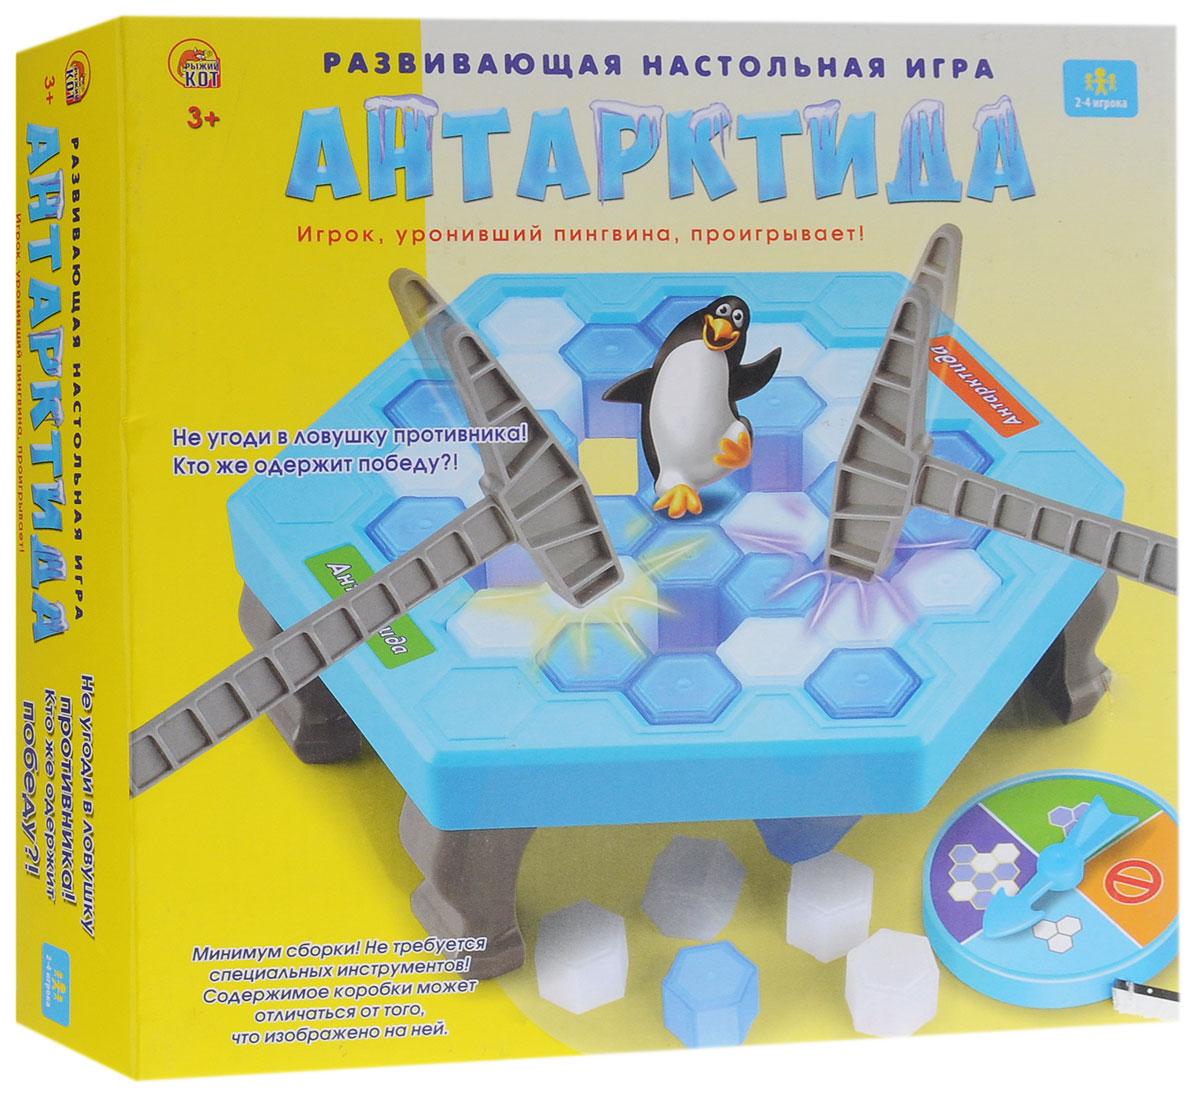 Рыжий Кот Развивающая настольная игра АнтарктидаИН-0555Каждый игрок крутит барабан и по очереди выбивает молоточком ячейку, заданную на барабане. Игрок, на чьей очереди упадет пингвин, проигрывает. Состав набора: 1 игровое поле, 2 молоточка, 4 опоры, 1 рулетка, 1 пингвин, 38 ячеек. Материал: пластик